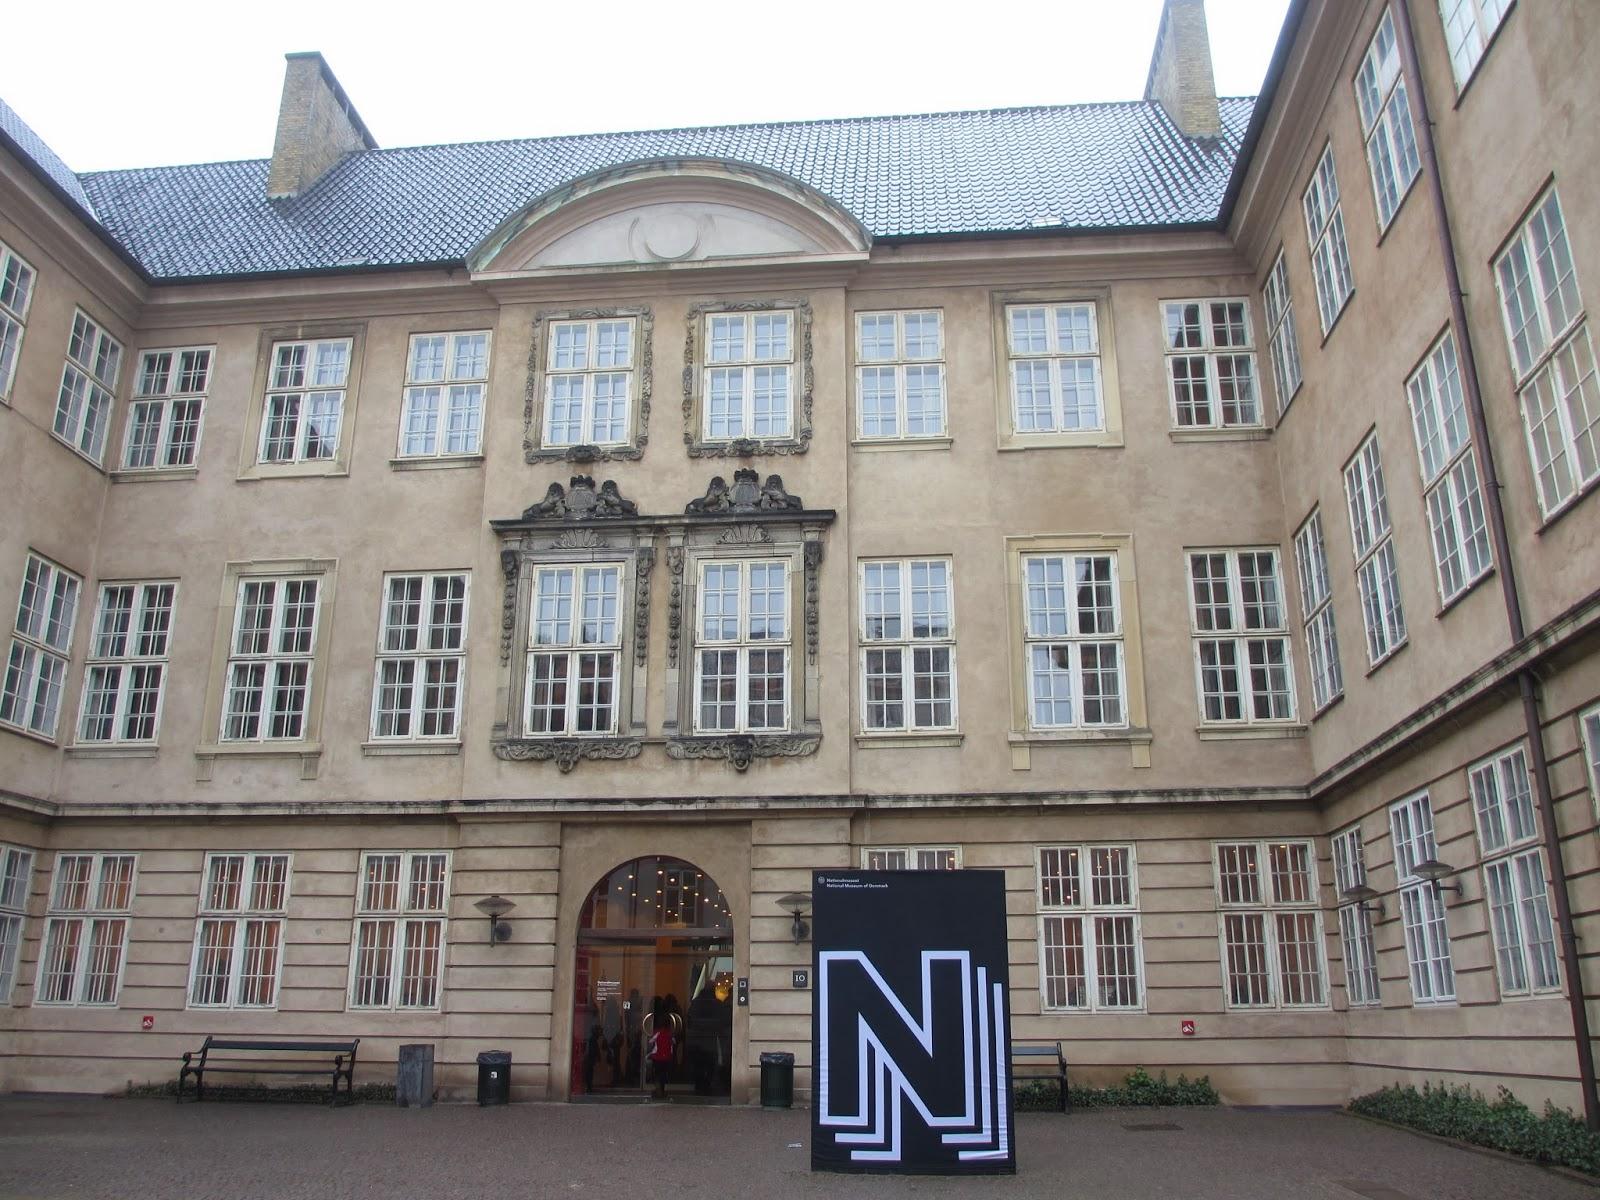 Visitar o Museu Nacional da Dinamarca em Copenhaga - NATIONALMUSEET | Dinamarca